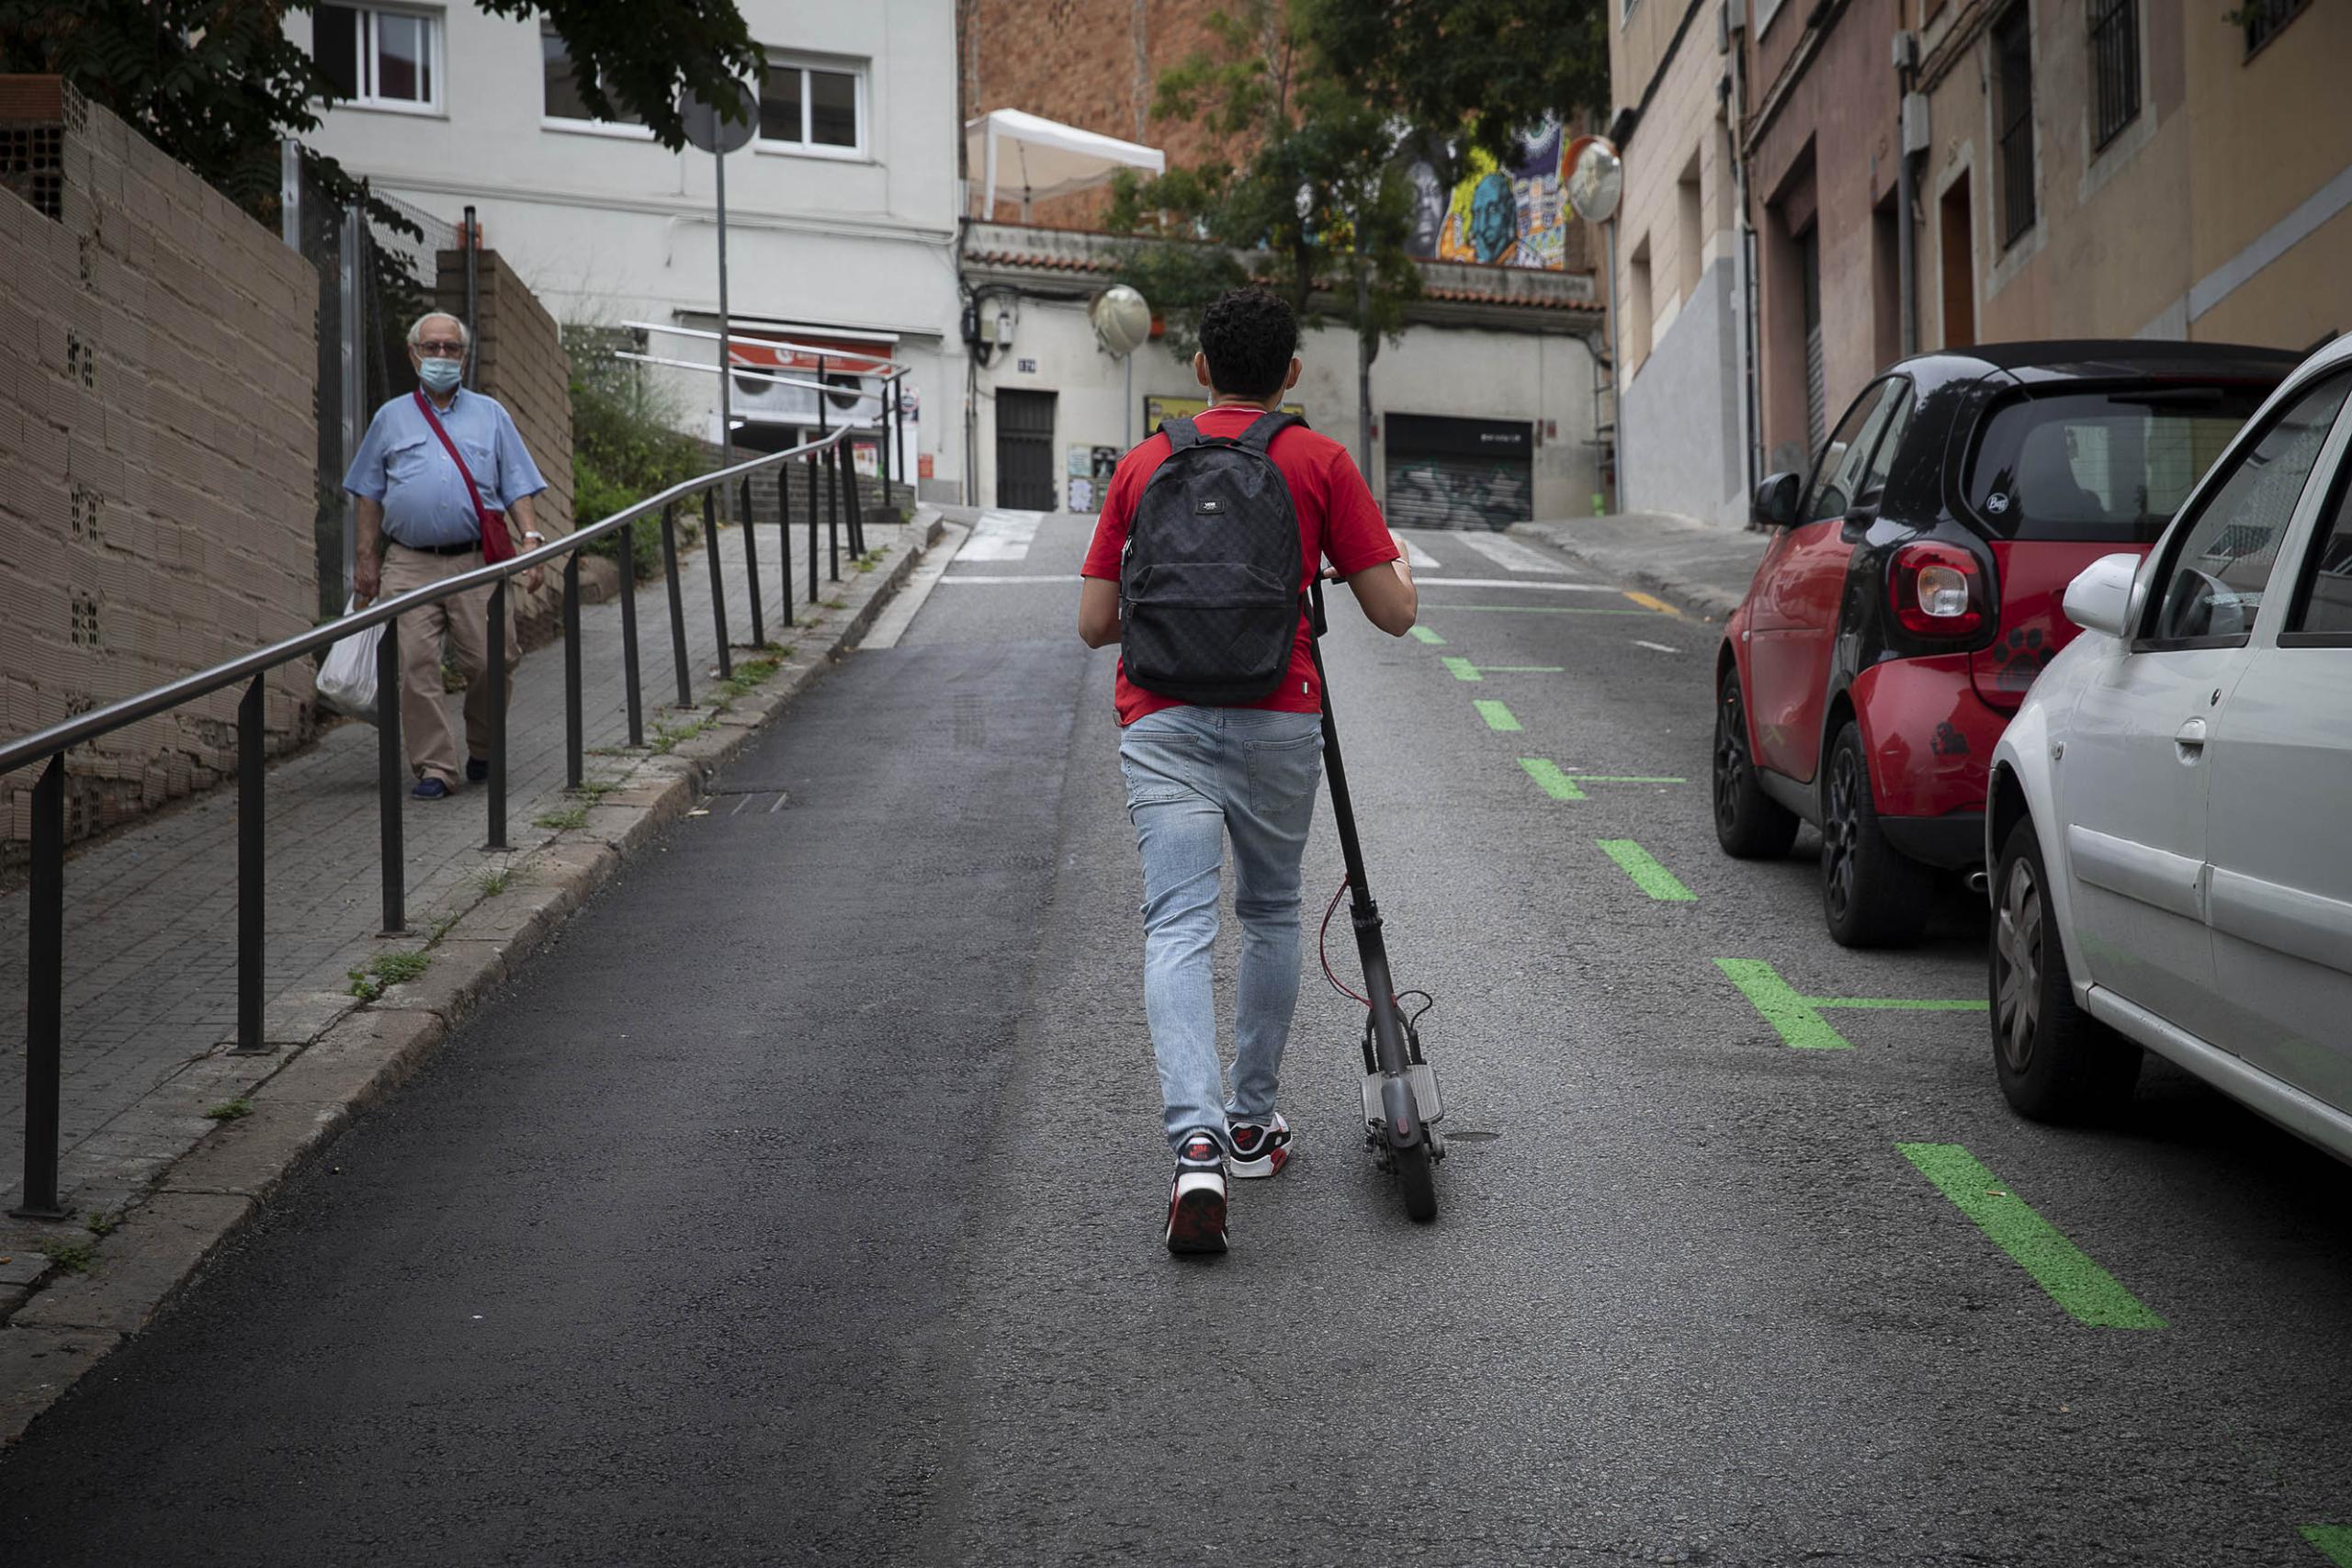 Un usuari de patinet elèctric, acabant la pujada a peu per la falta de potència necessària / Jordi Play